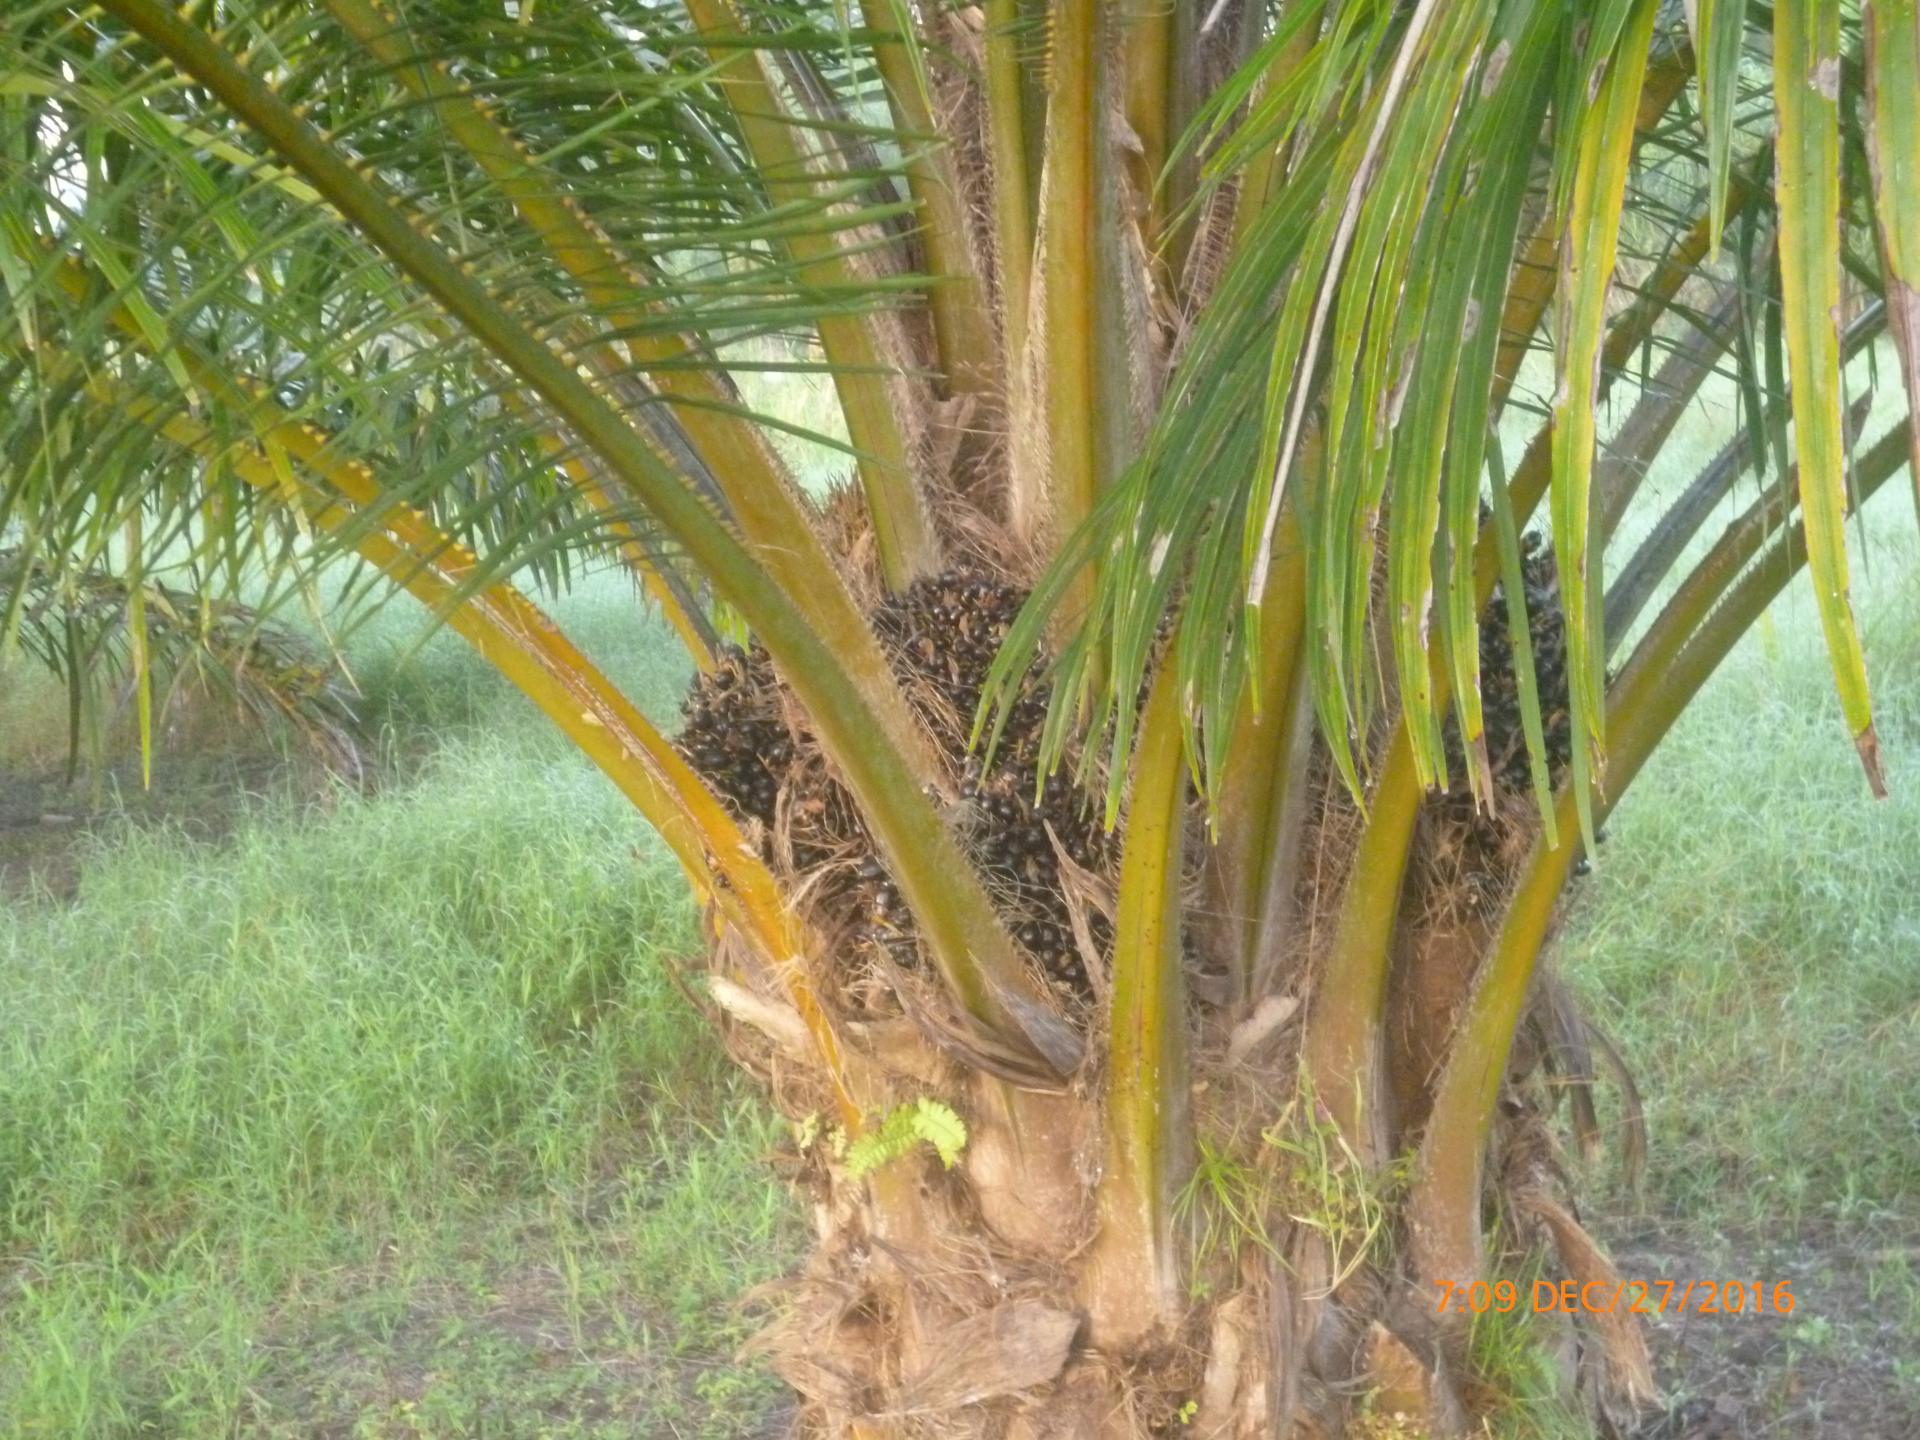 CHIRIQUI, BARU, PALM OIL FARM IN SAN BARTOLO.